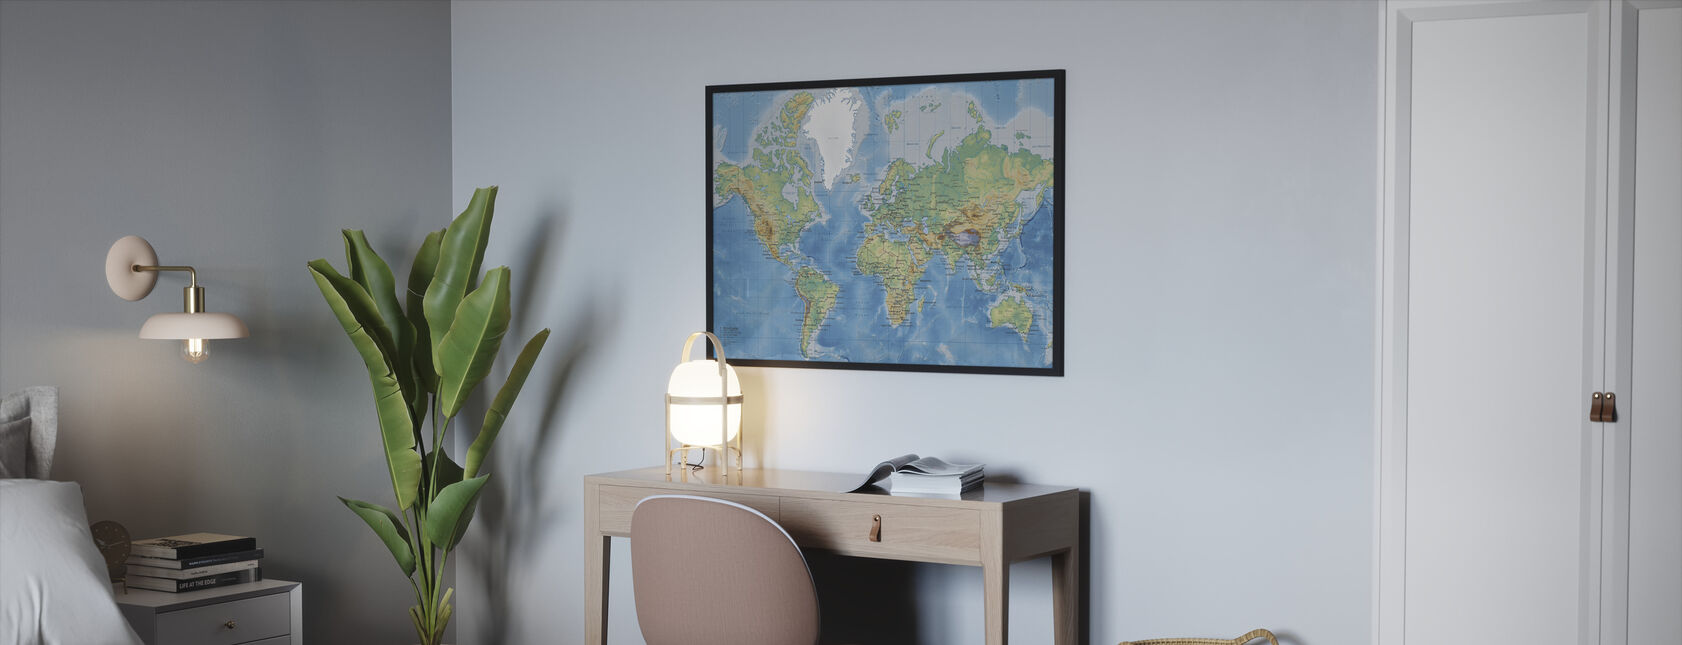 World Map Detailt - Indrammet billede - Soveværelse